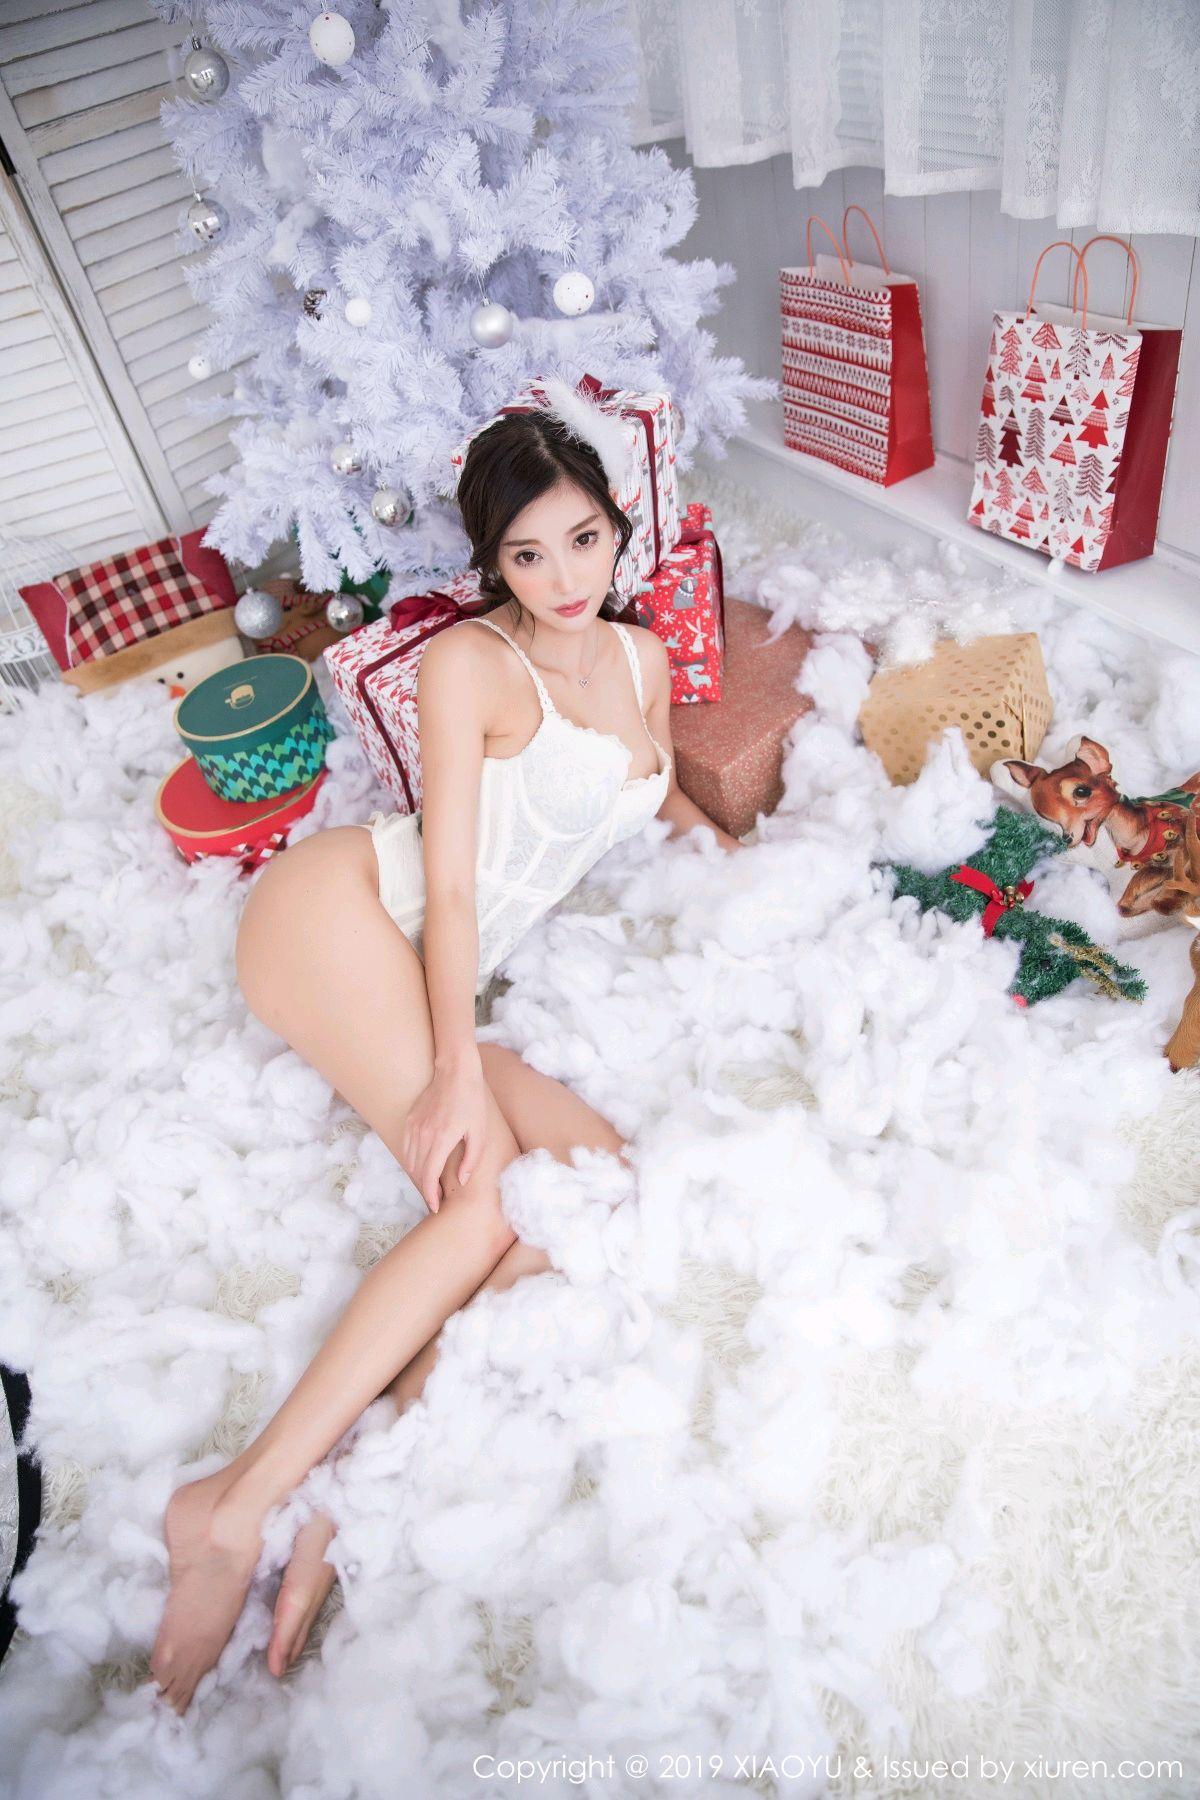 [XiaoYu] Vol.059 Christmas Theme 31P, Christmas, Underwear, XiaoYu, Yang Chen Chen